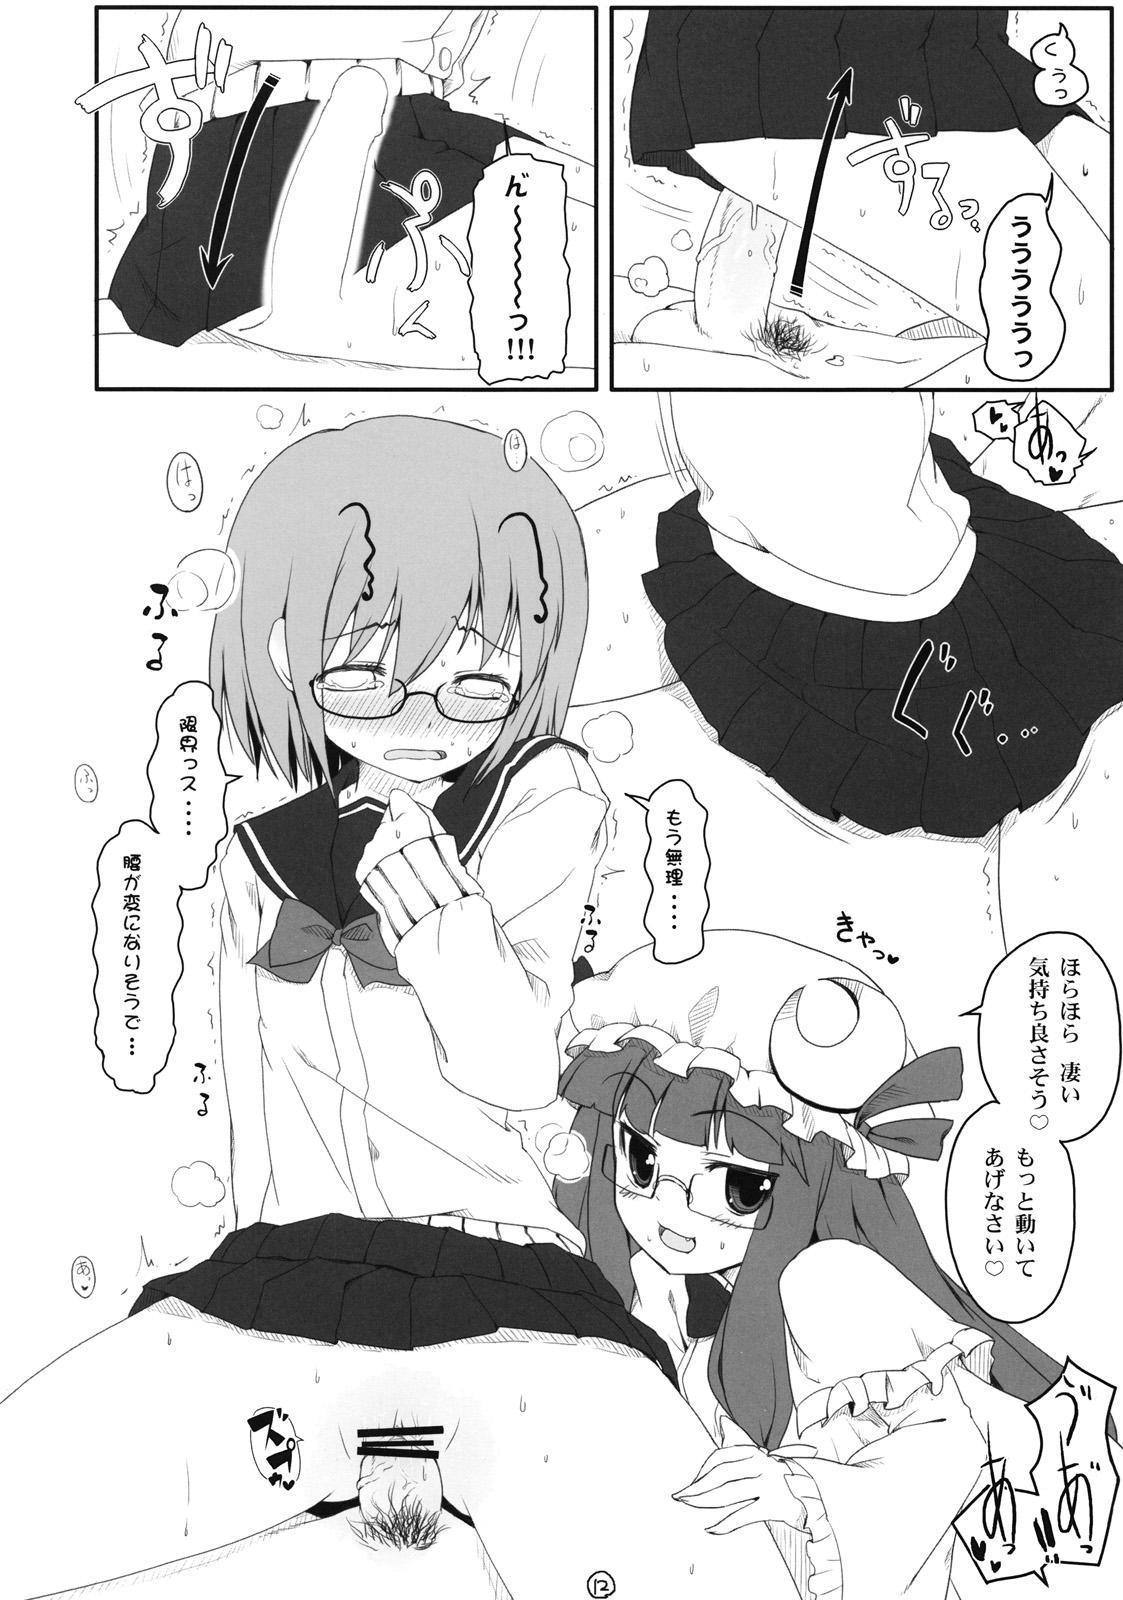 Touhou Megane 10